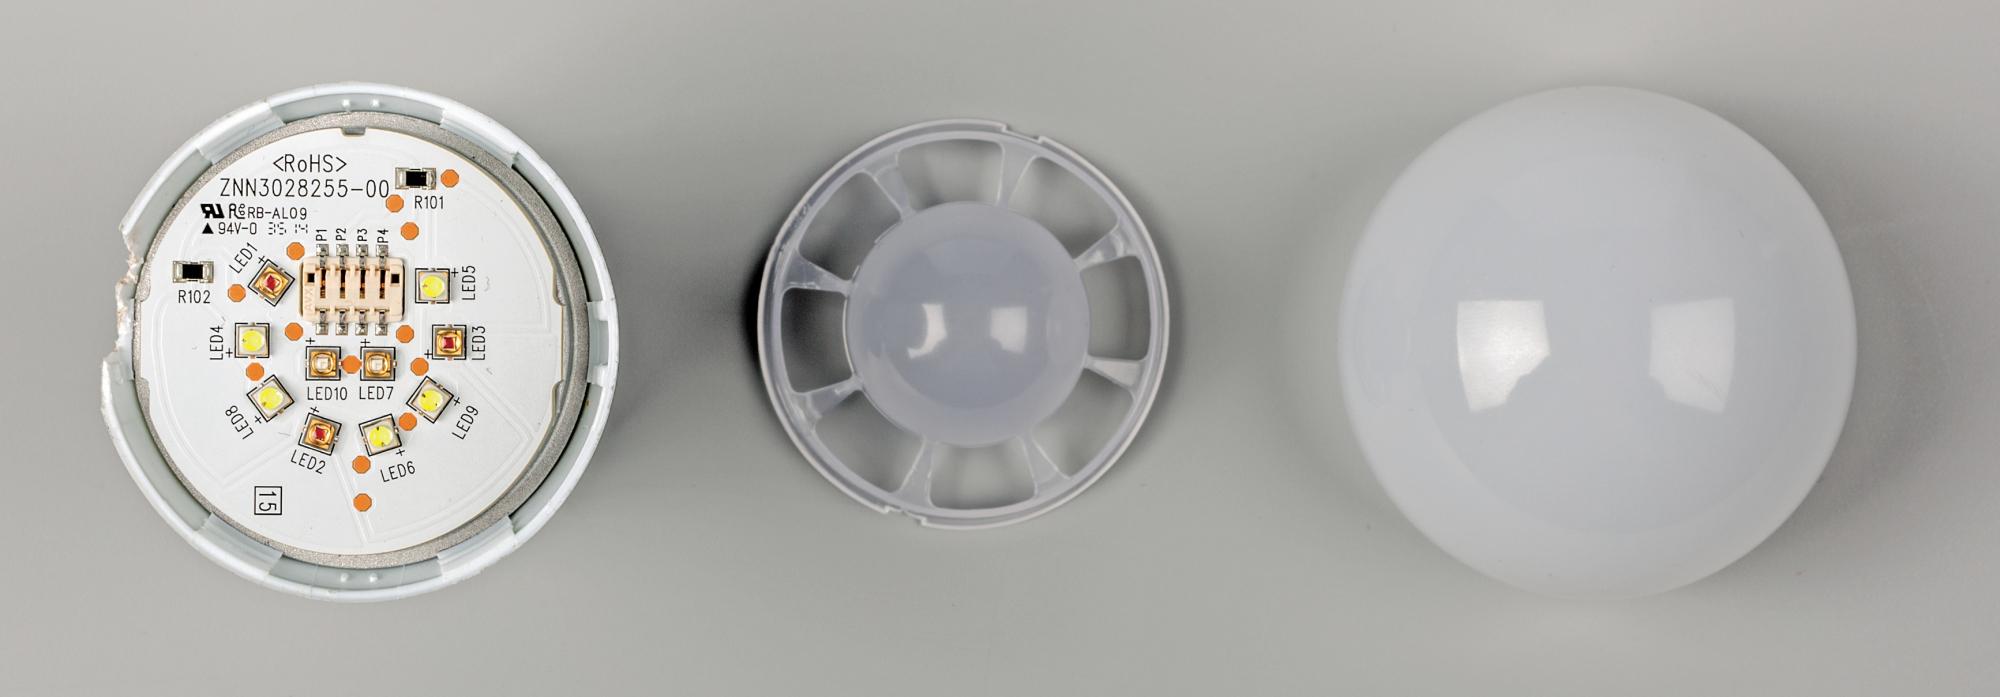 Velsete Was Sie über LED-Lampen wissen müssen | c't Magazin TX-77